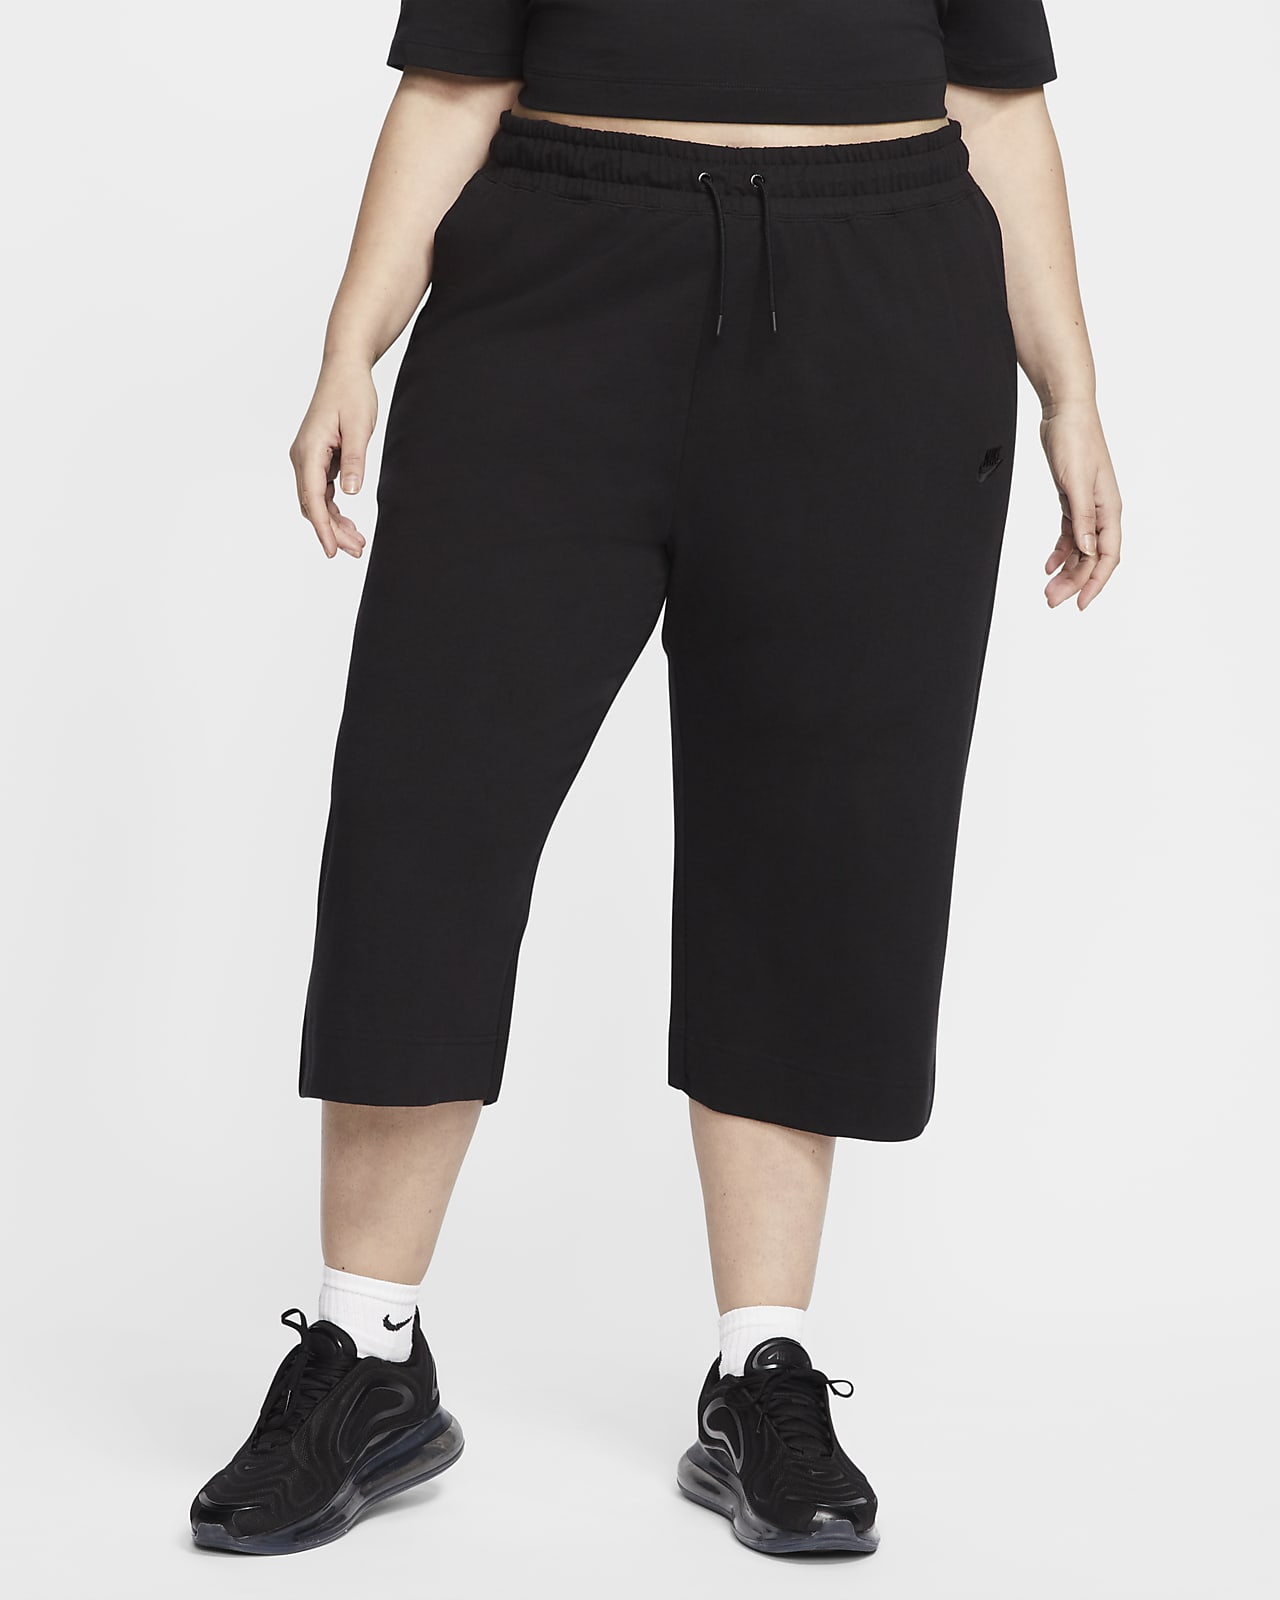 Nike Sportswear bukse i jersey til dame (store størrelser